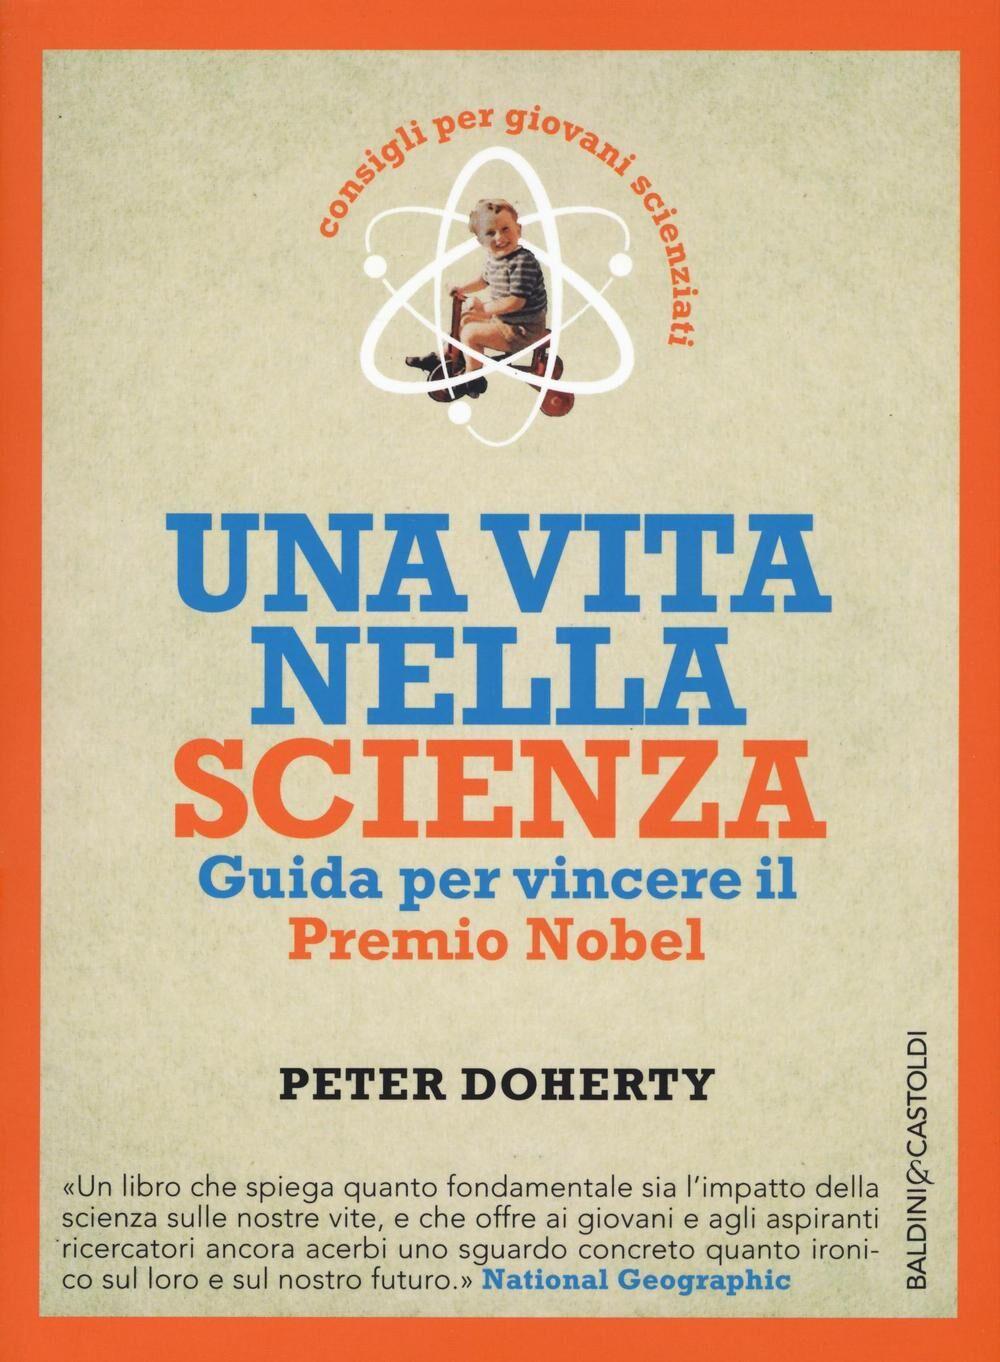 Una vita nella scienza. Guida per vincere il Premio Nobel